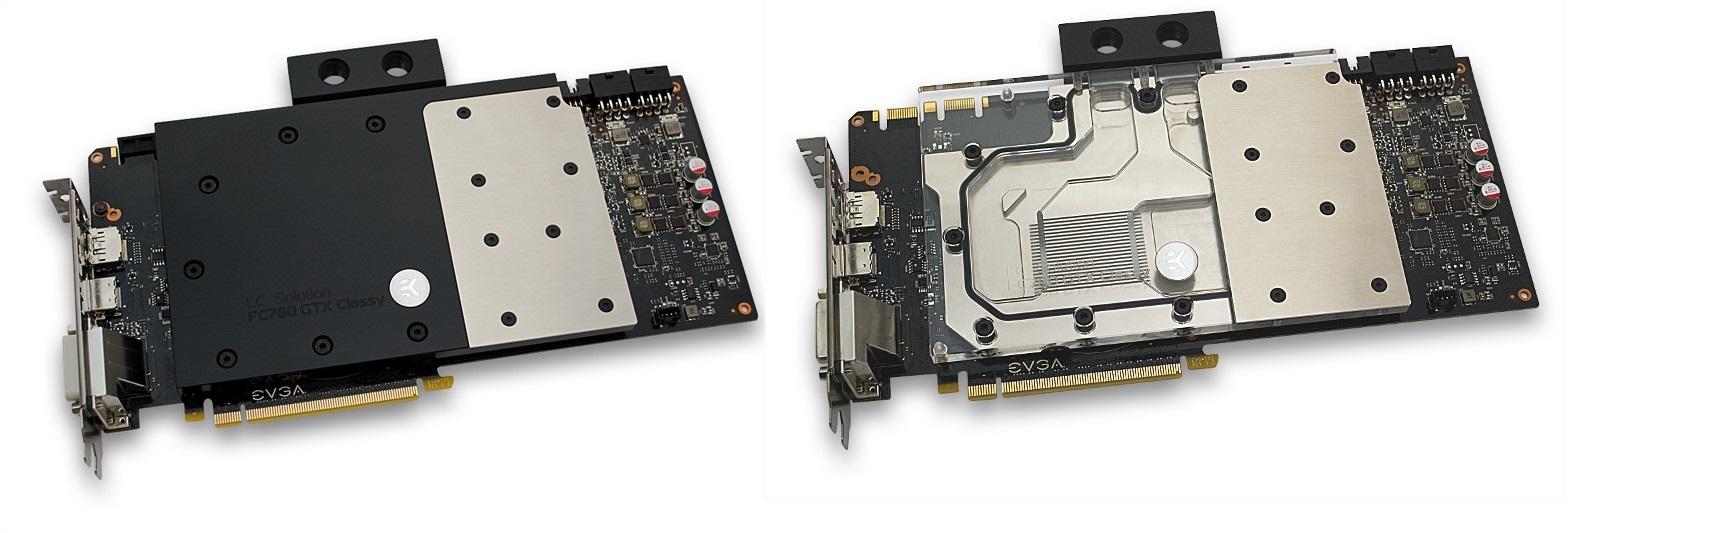 NVIDIA gimping benchmarks: GTX 780 tested {322 21 vs  353 62 vs